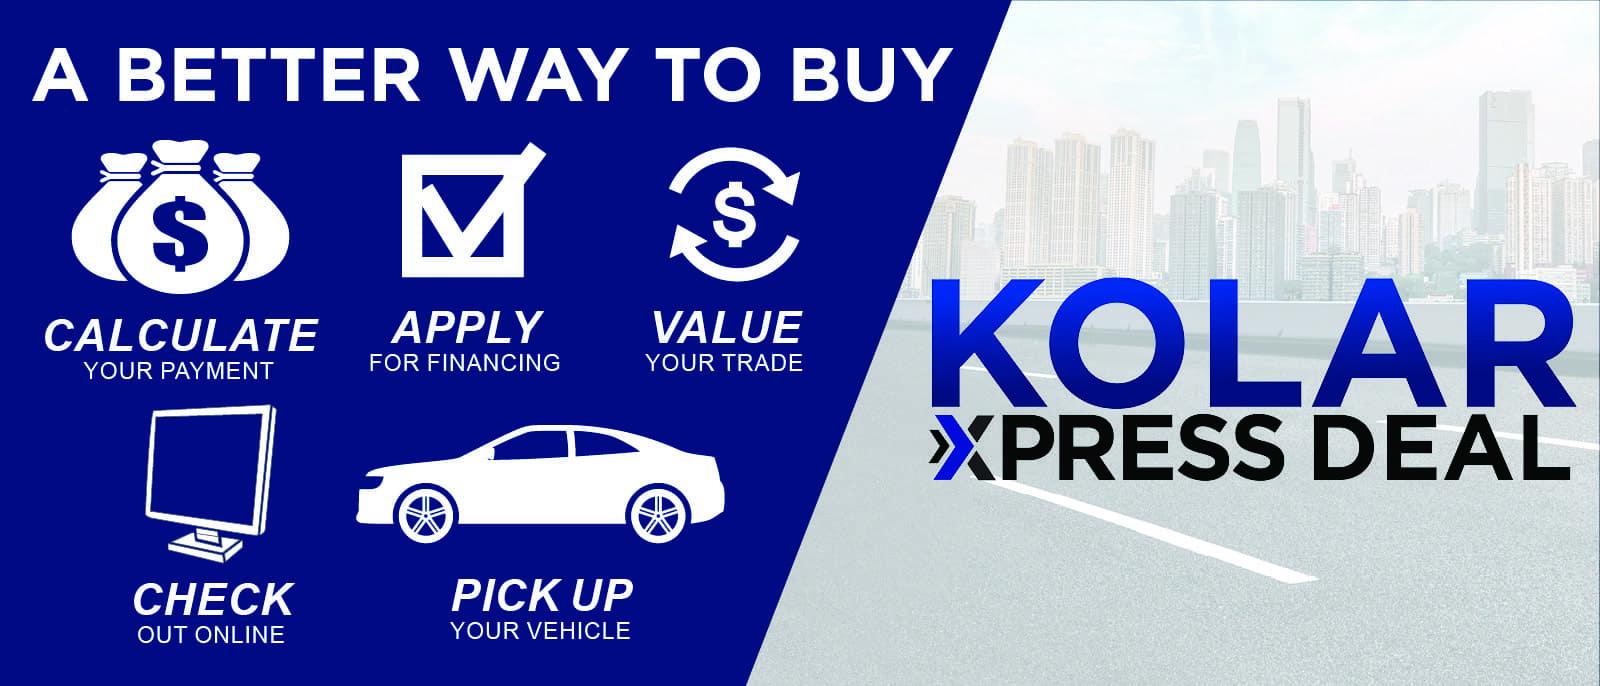 Kolar Express Deal